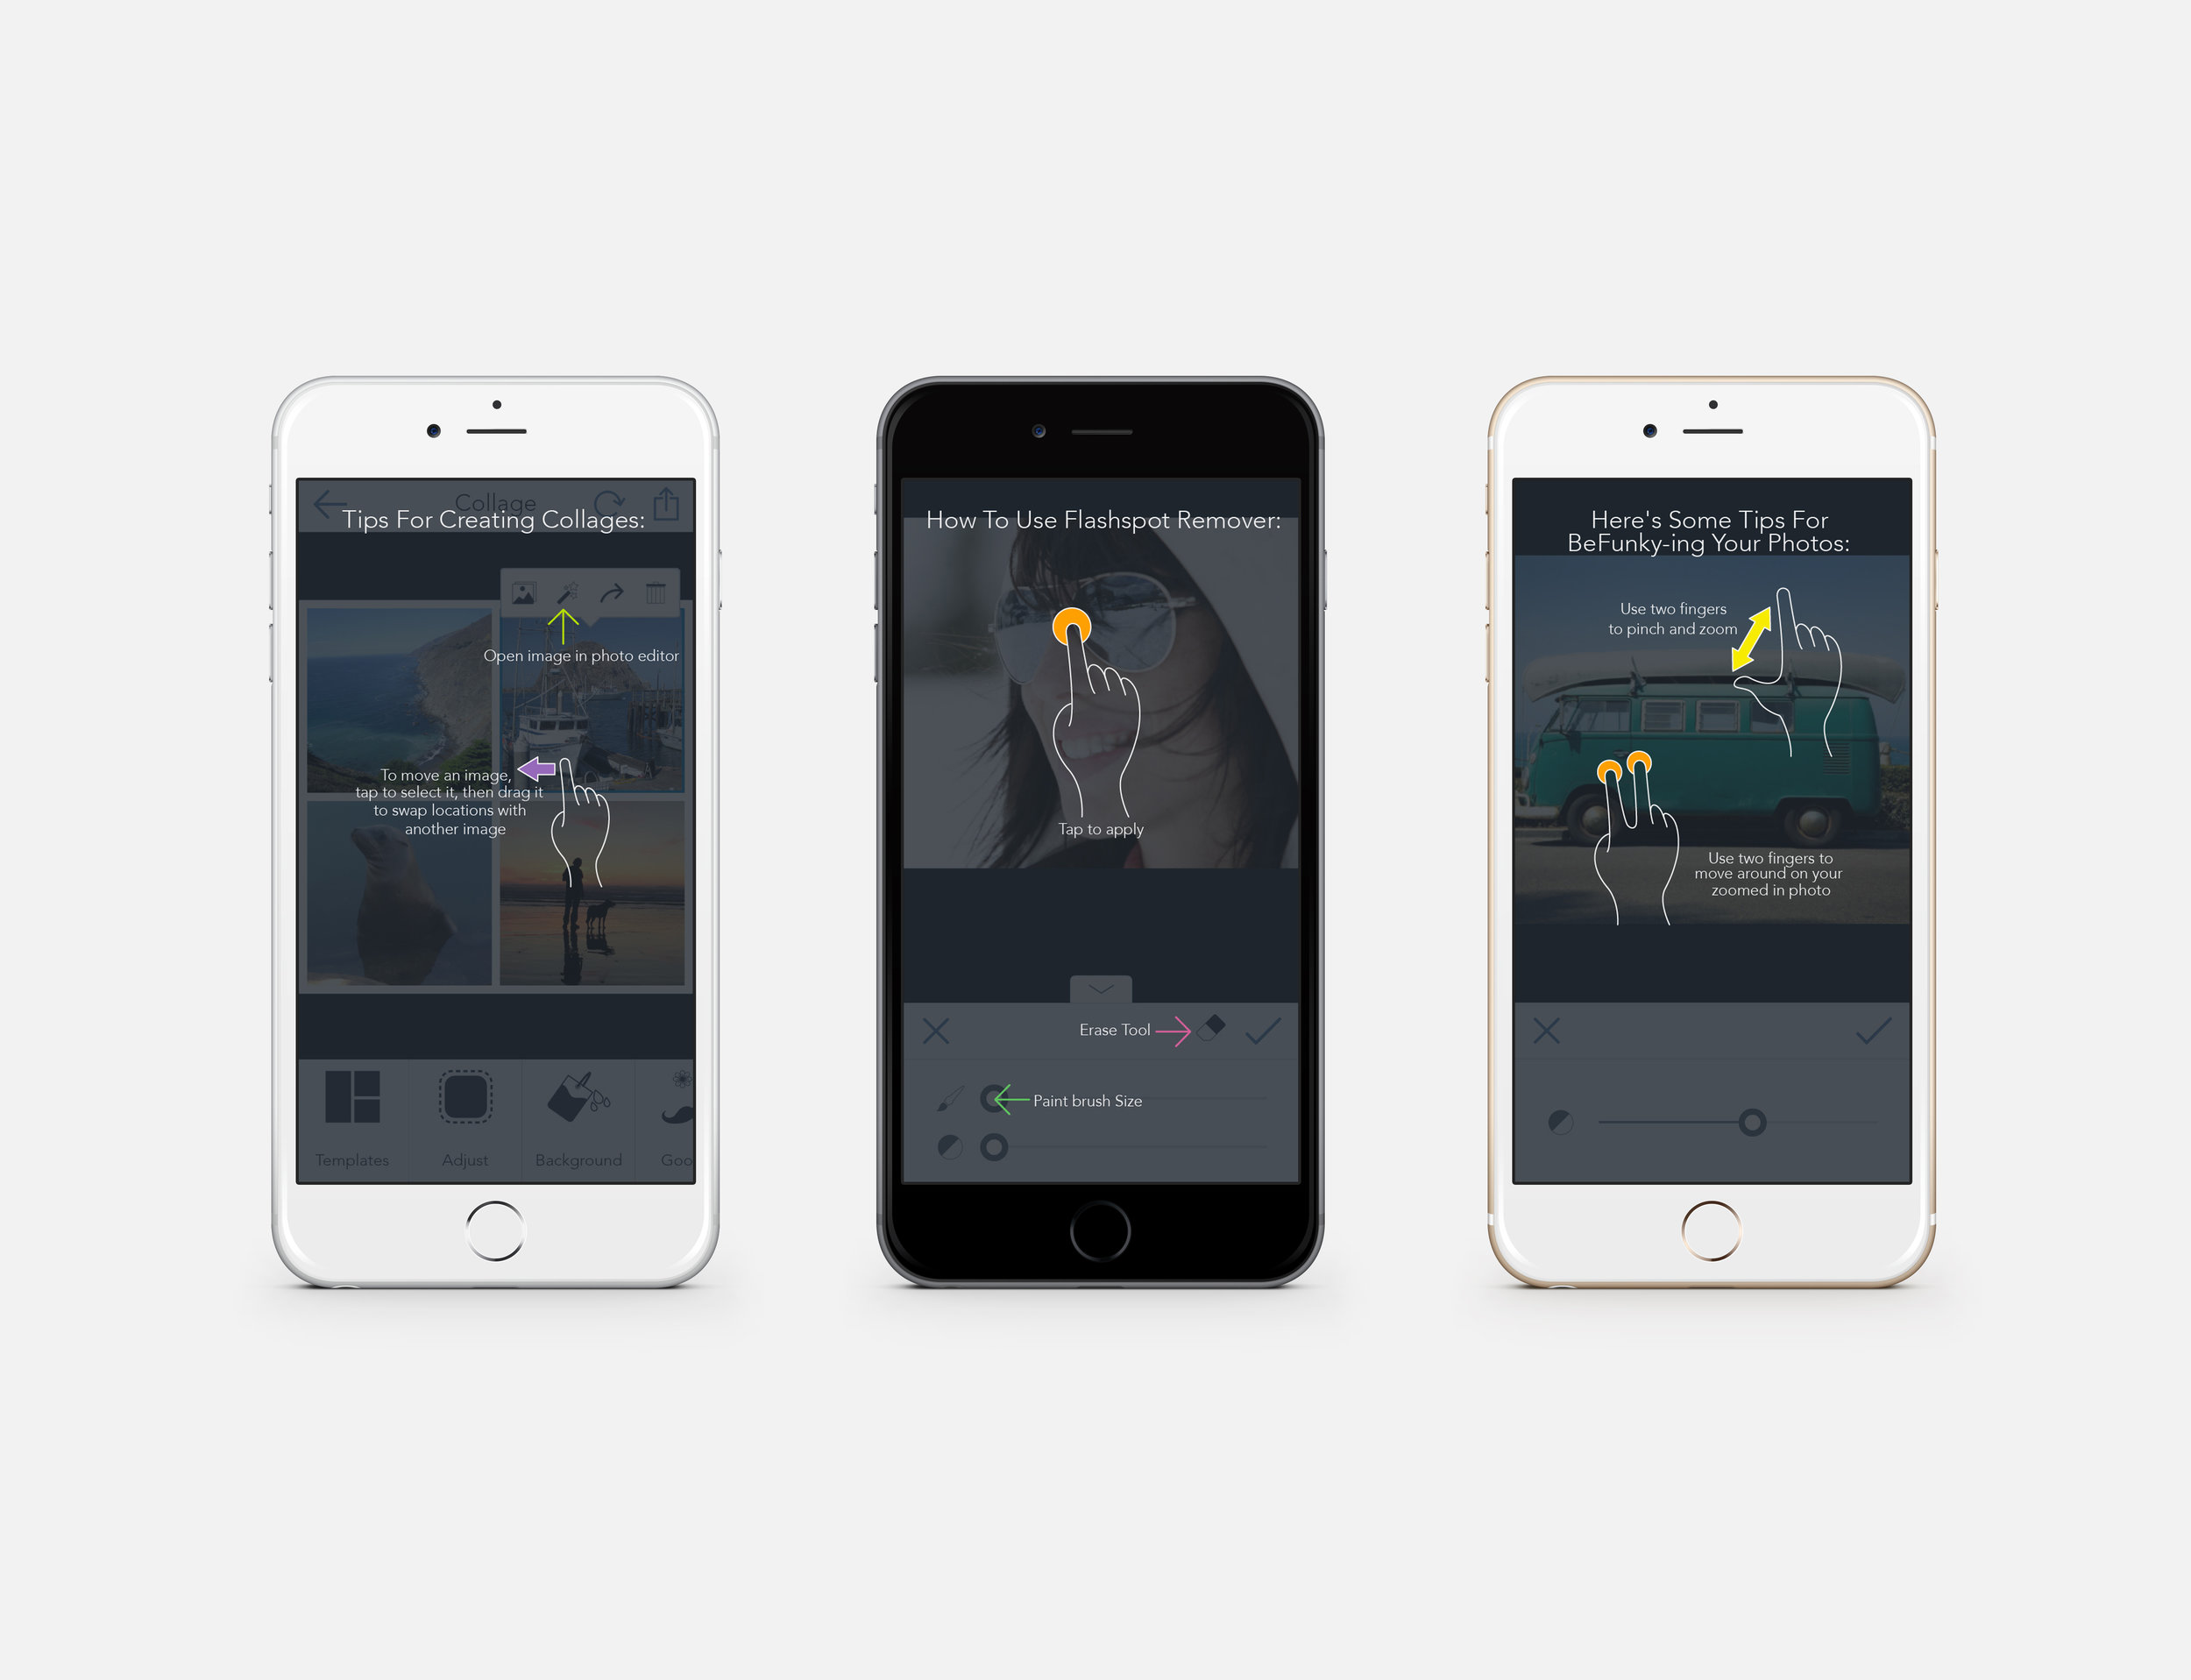 BeFunky mobile help screens